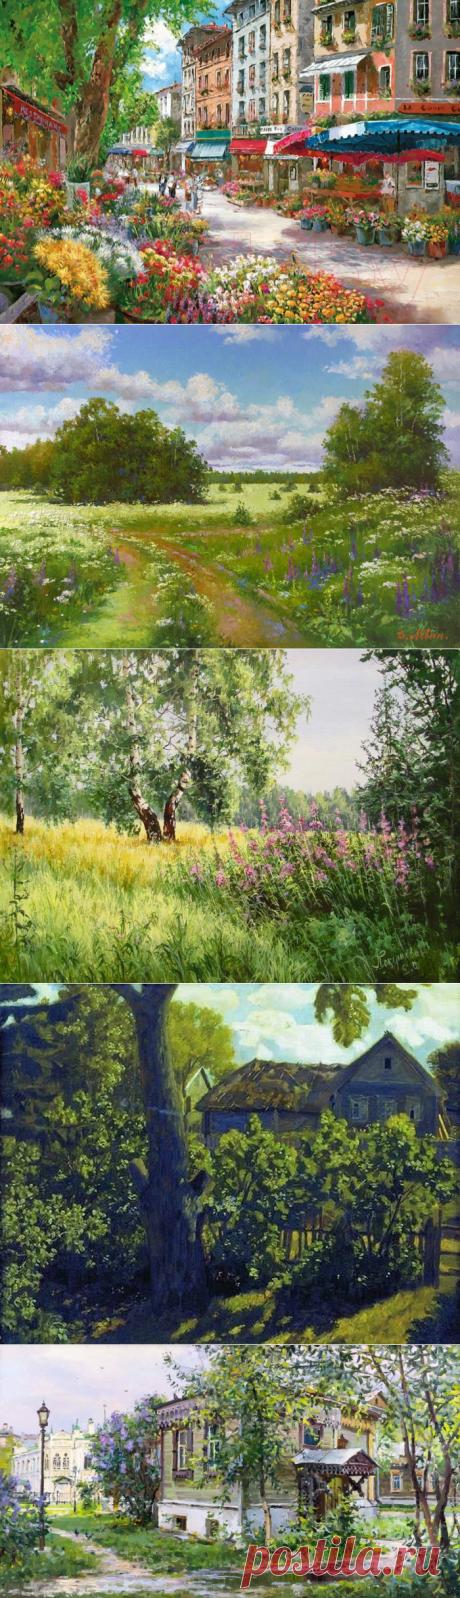 """""""Ох, лето красное! любил бы я тебя..."""" Подборка солнечной живописи   """"Позитив красок"""" Дарьи Орловой   Яндекс Дзен"""